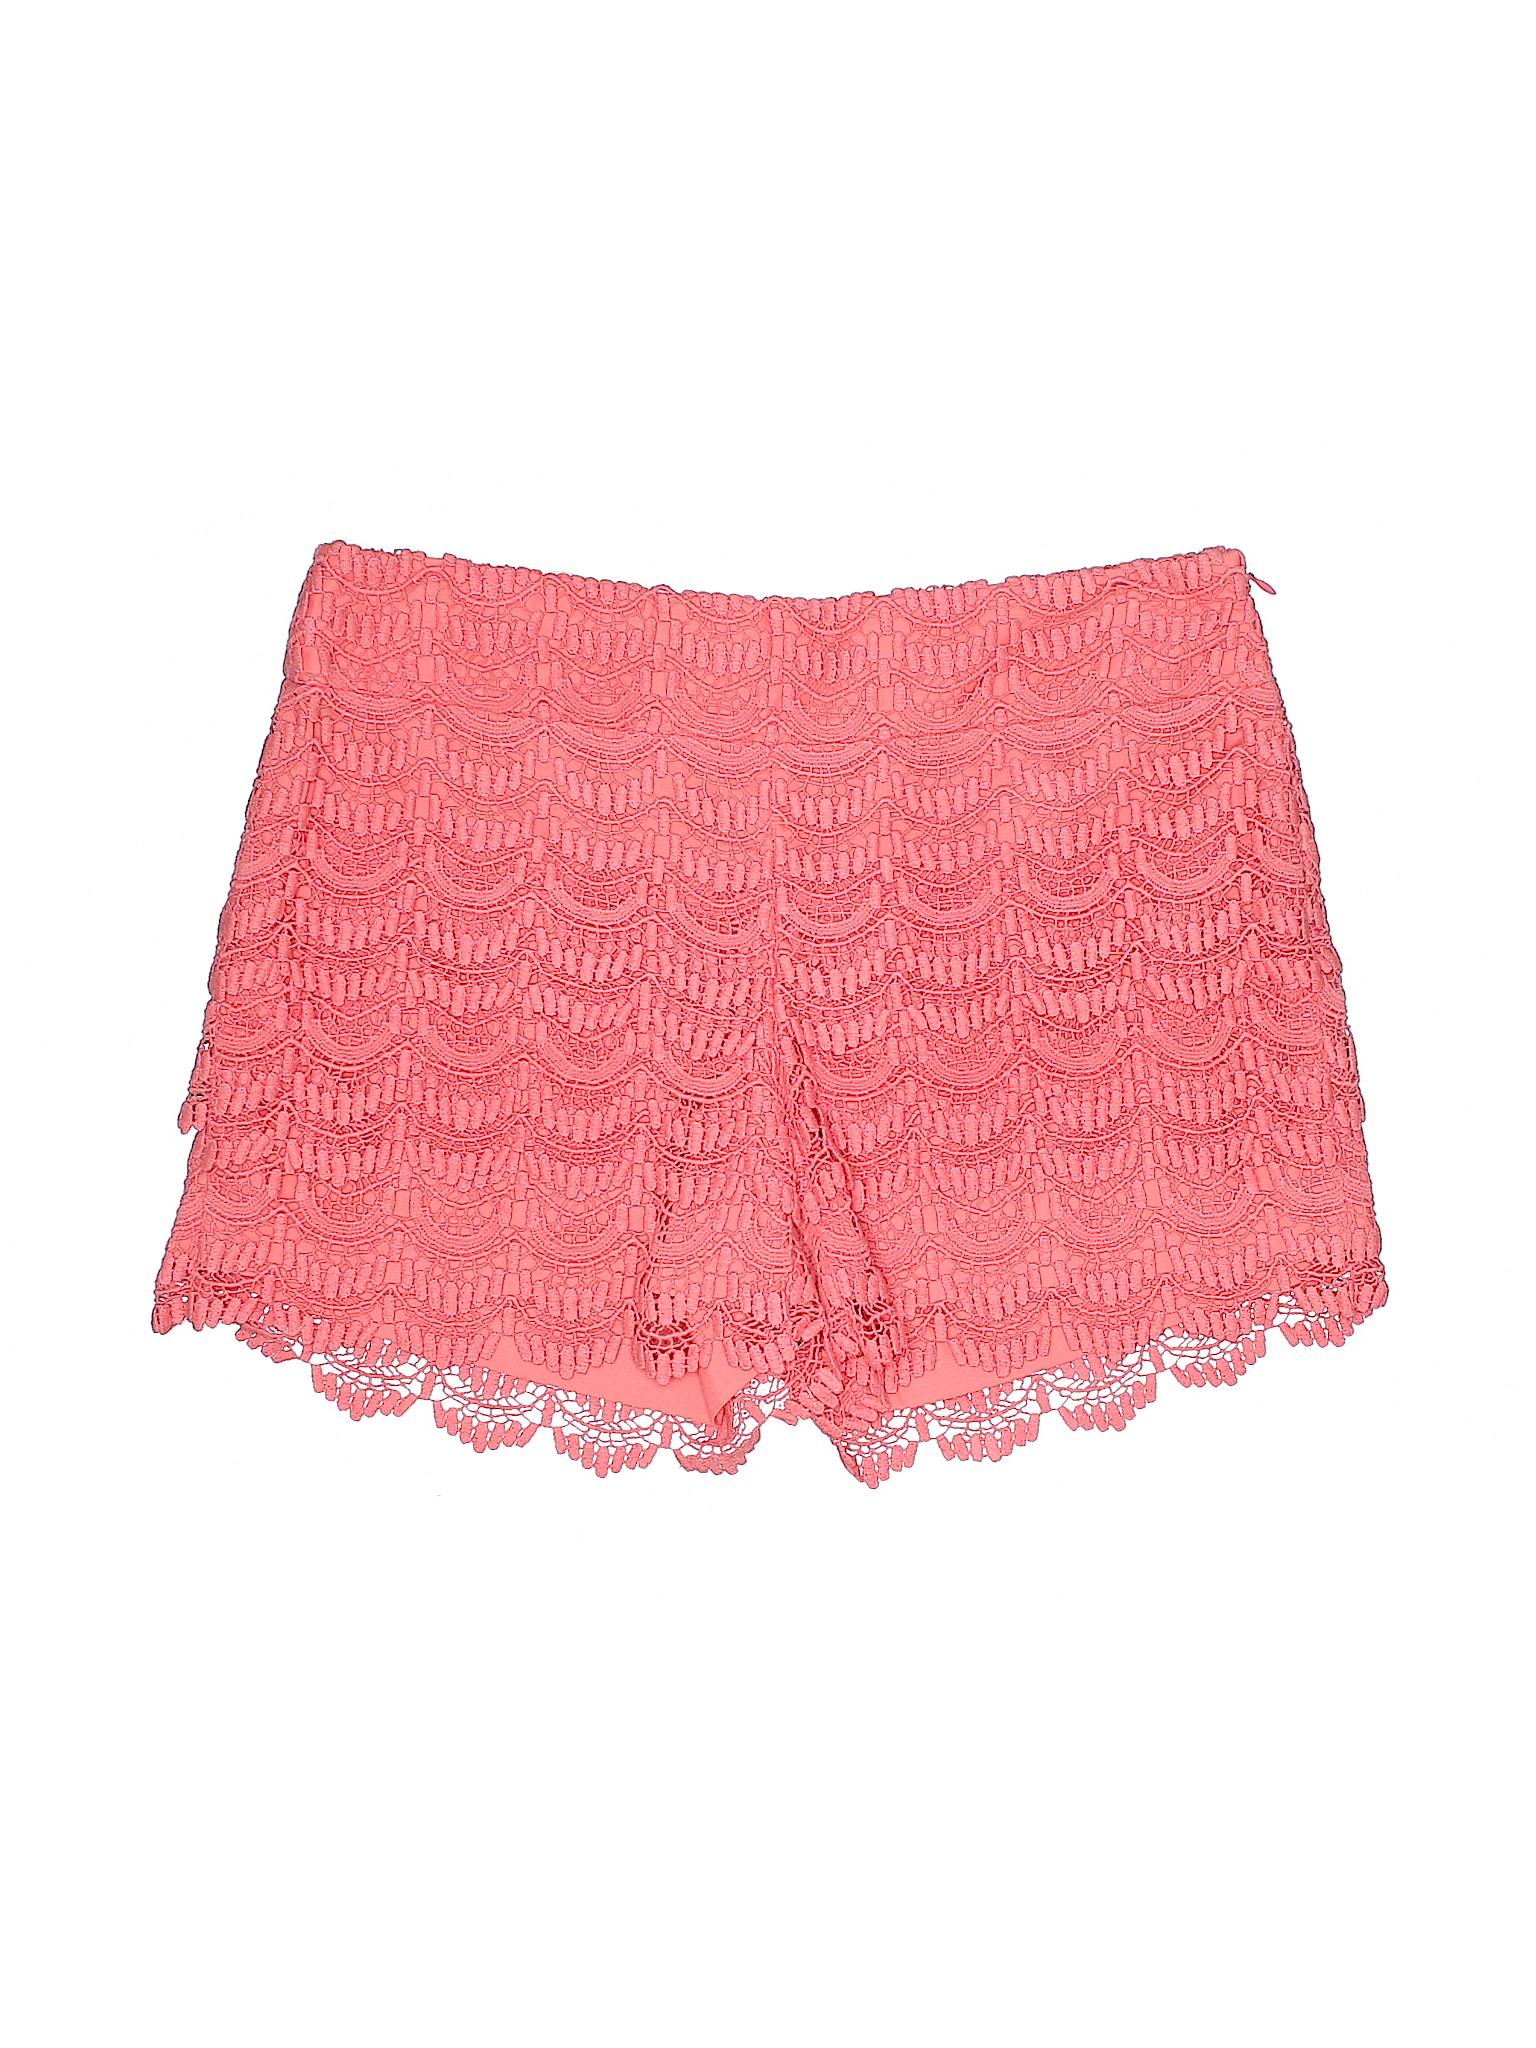 Shorts Ann Boutique LOFT Ann Taylor Boutique EnZB8xqX0